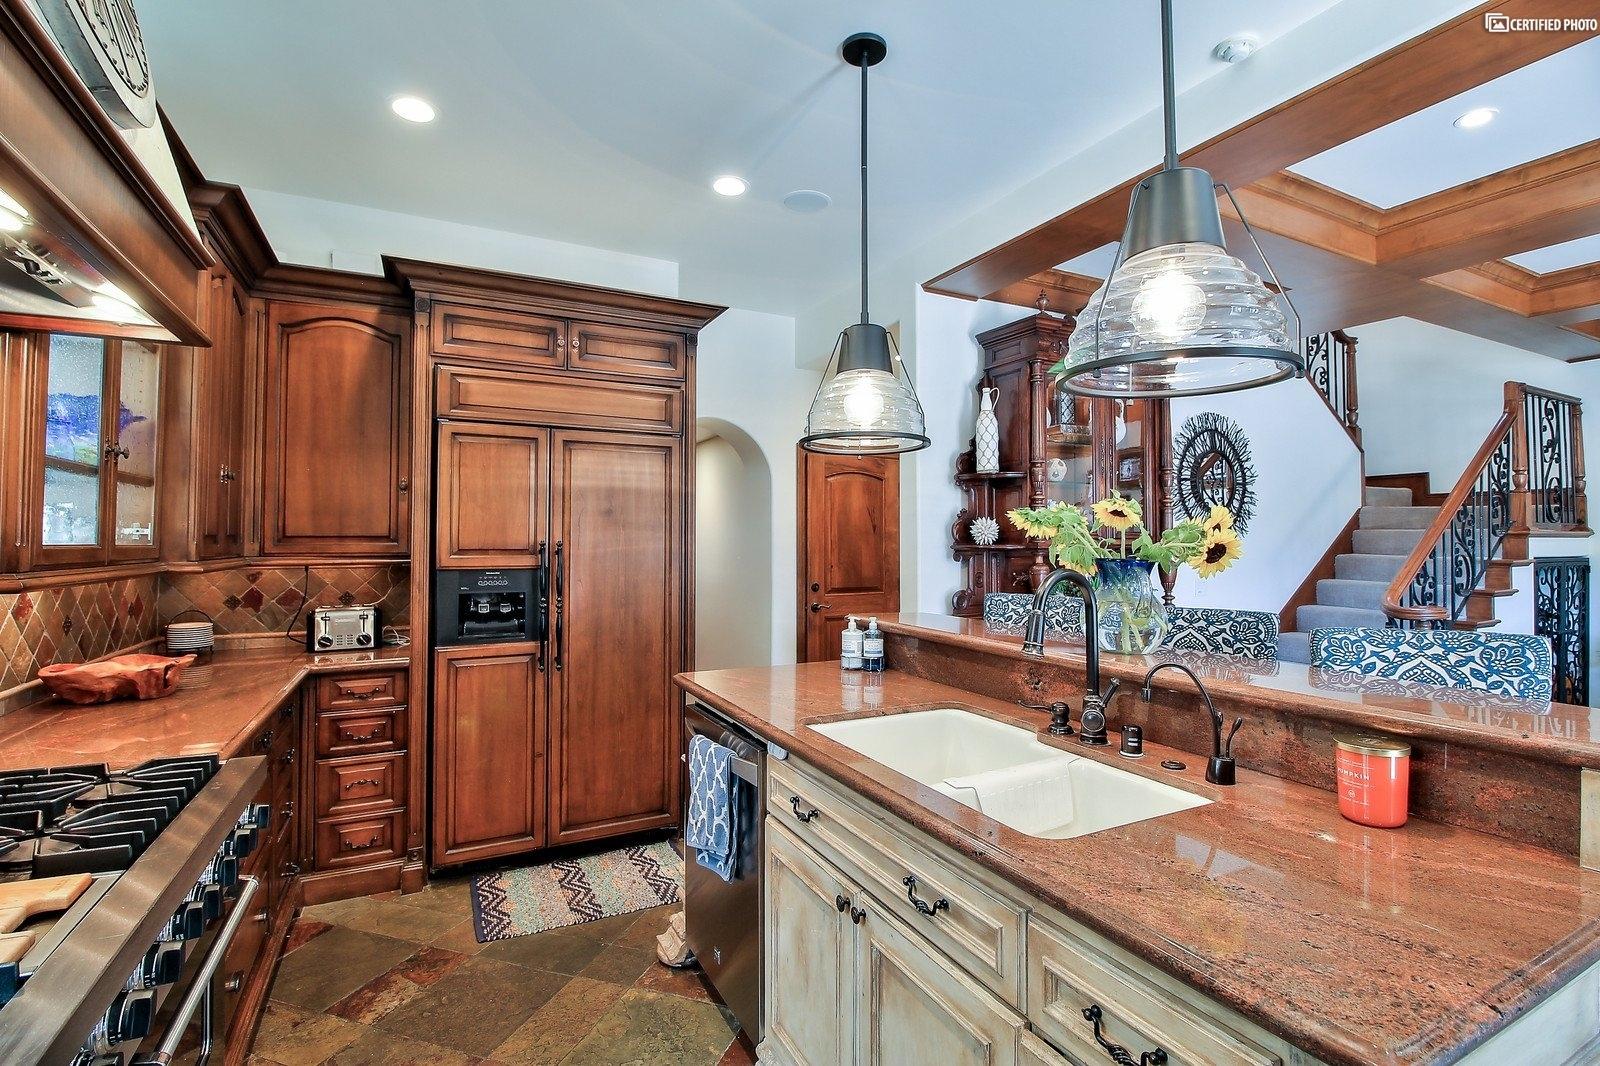 Built in Kitchen- Aid Refrigerator